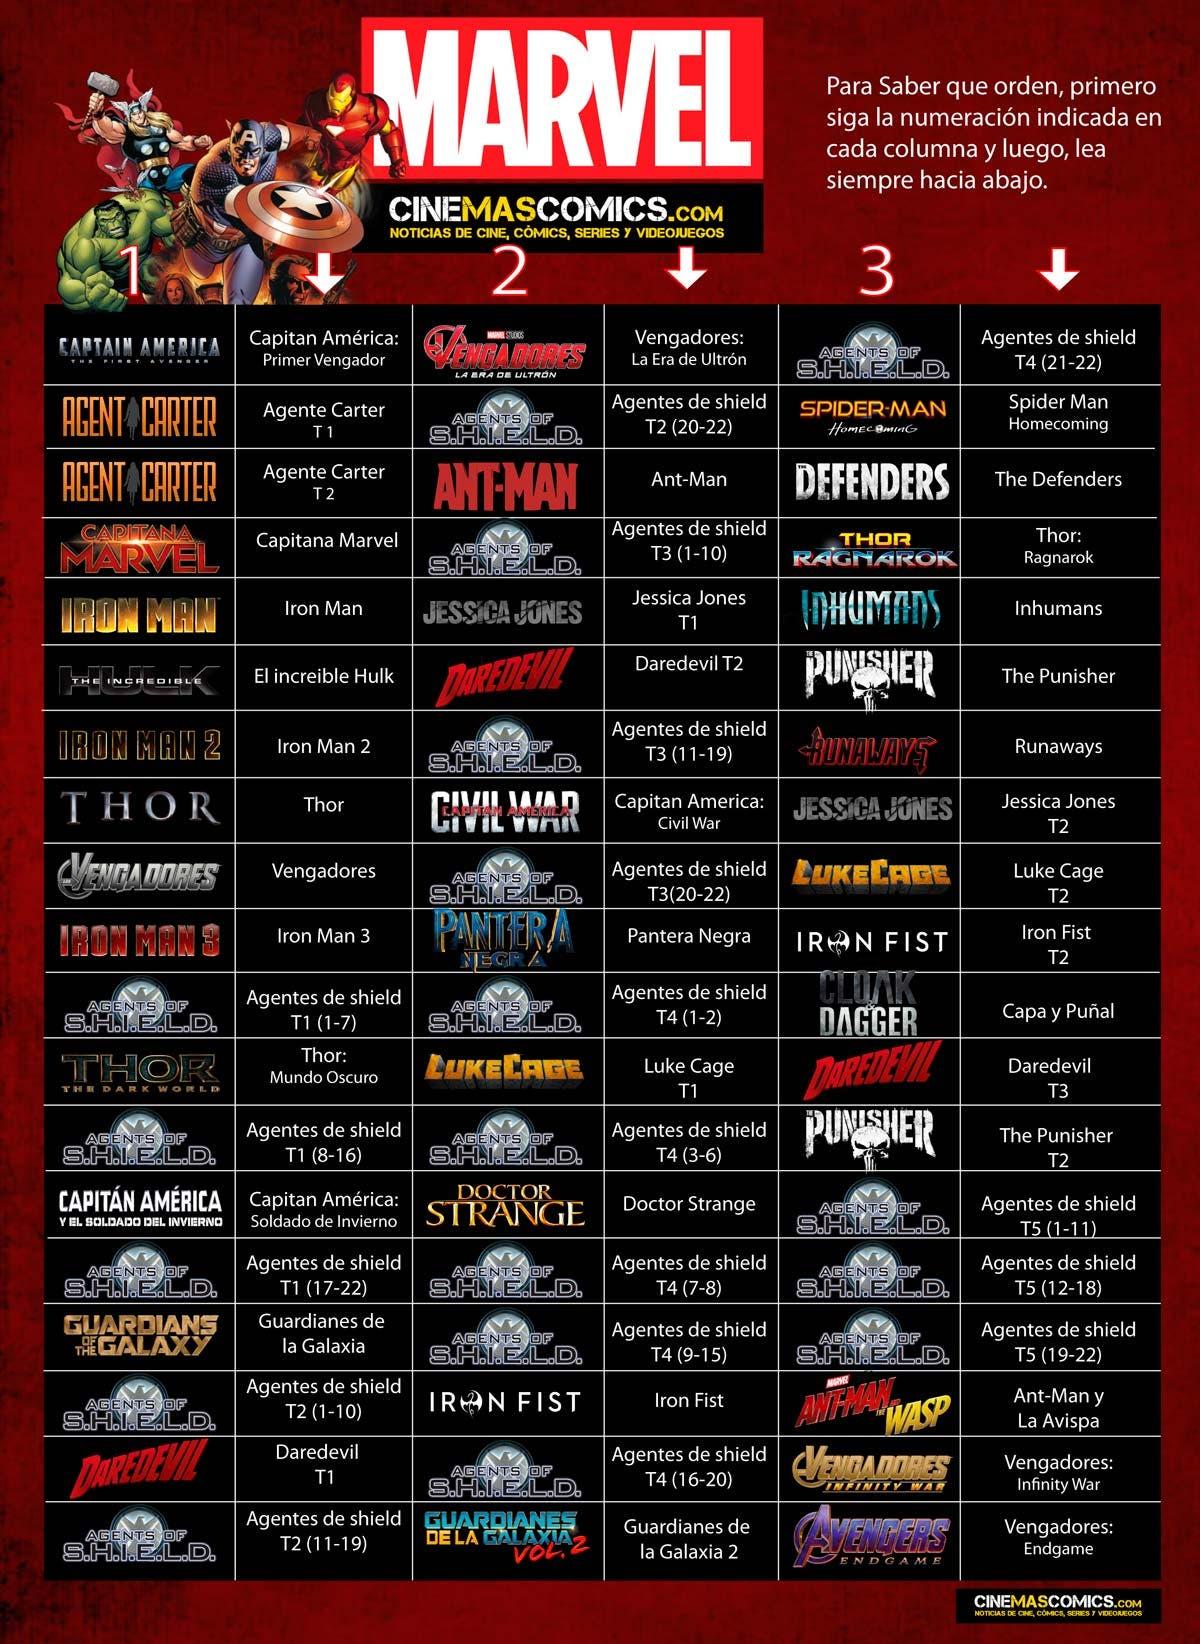 Orden correcto en el que ver todas las películas y series de marvel